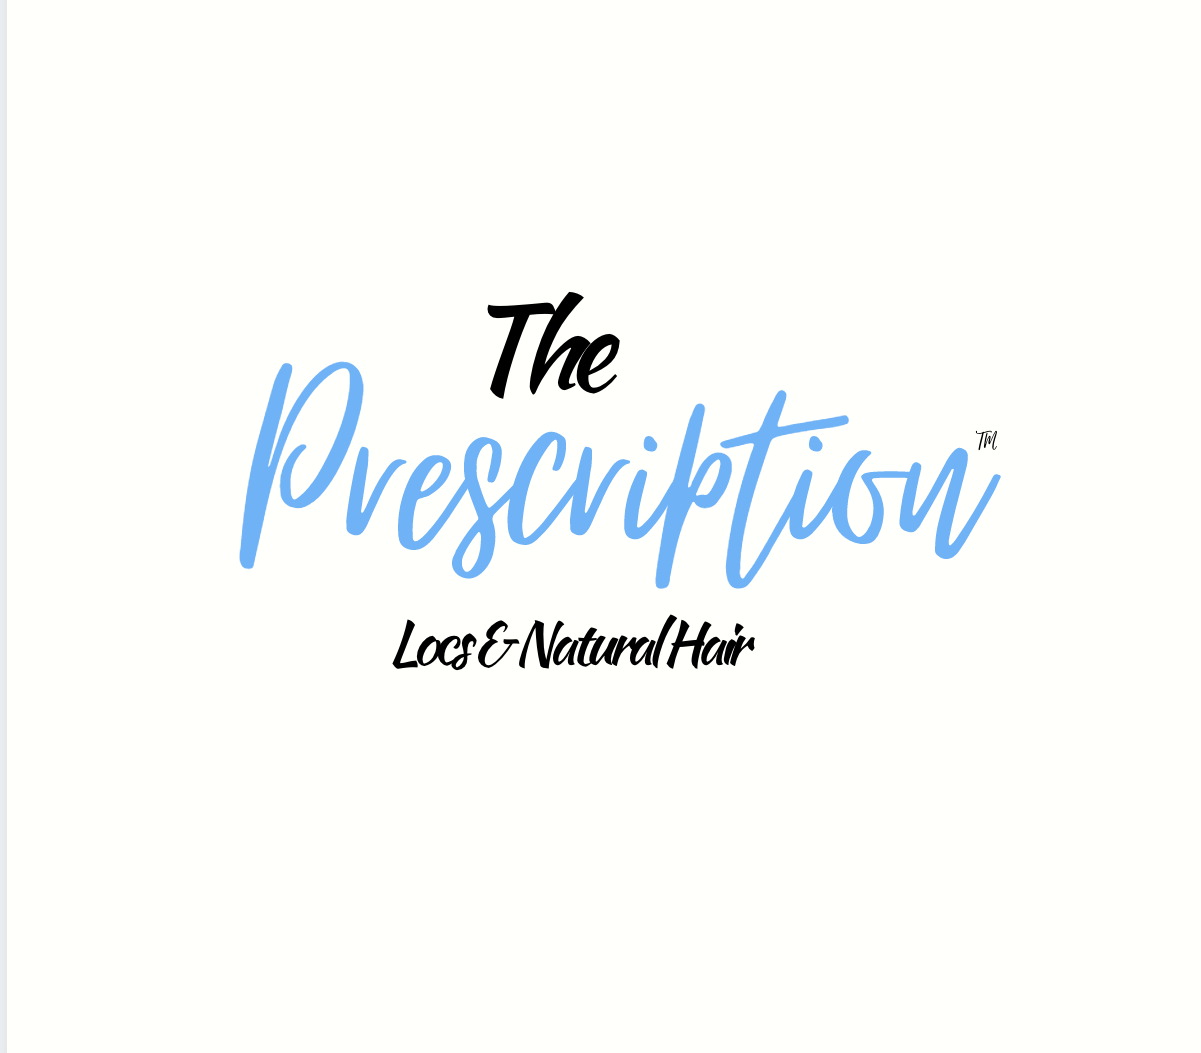 The Prescription/Consultation